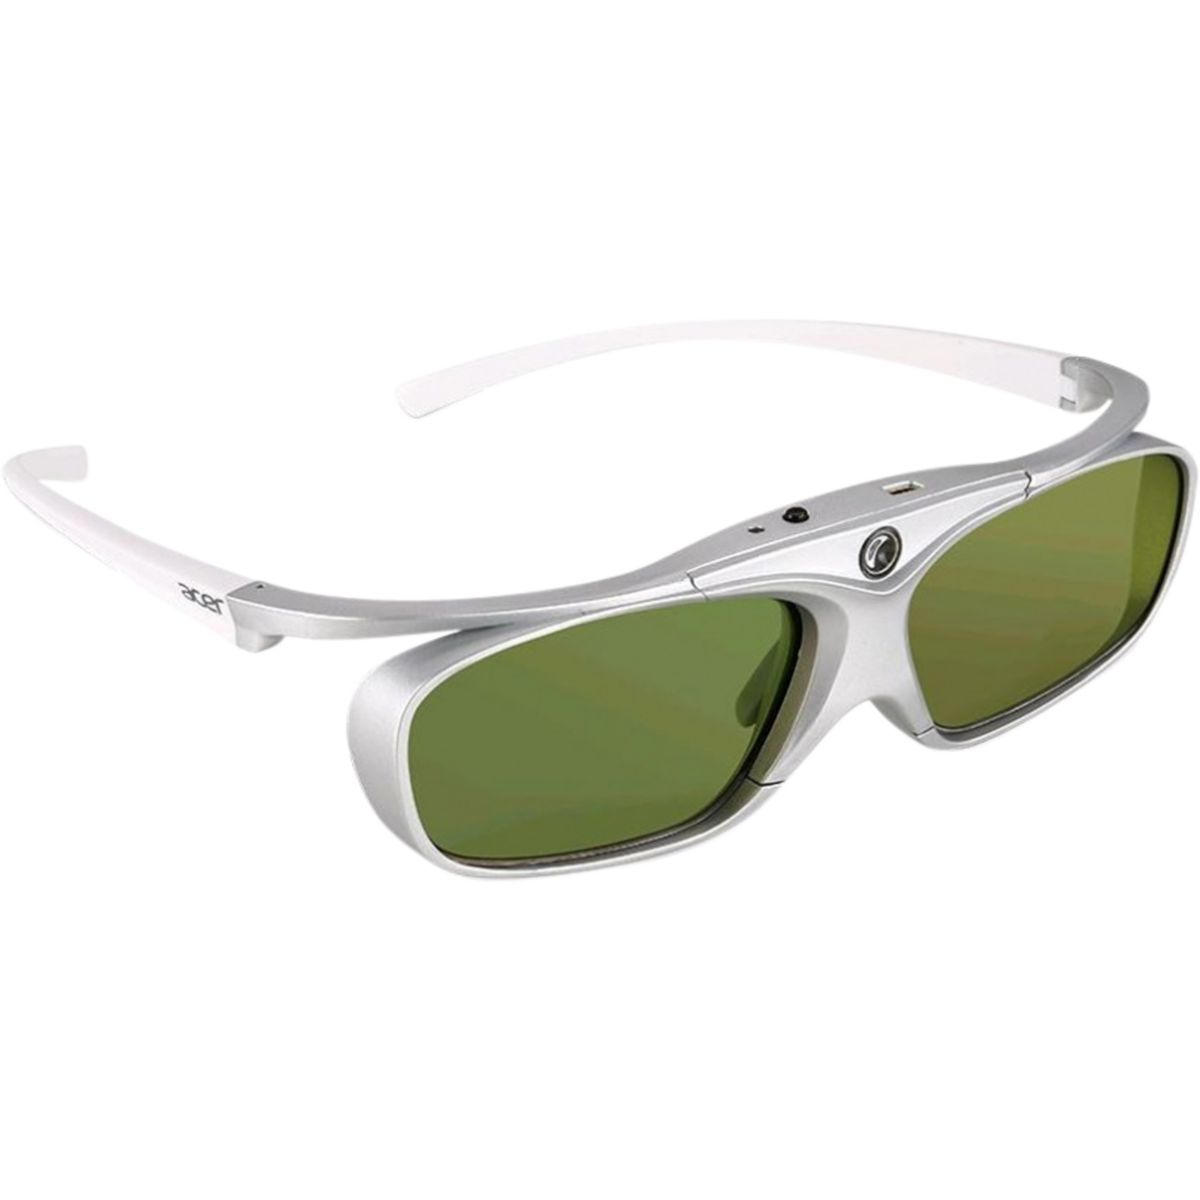 Accessoire acer lunettes 3d e4w - 5% de remise imm�diate avec le code : fete5 (photo)